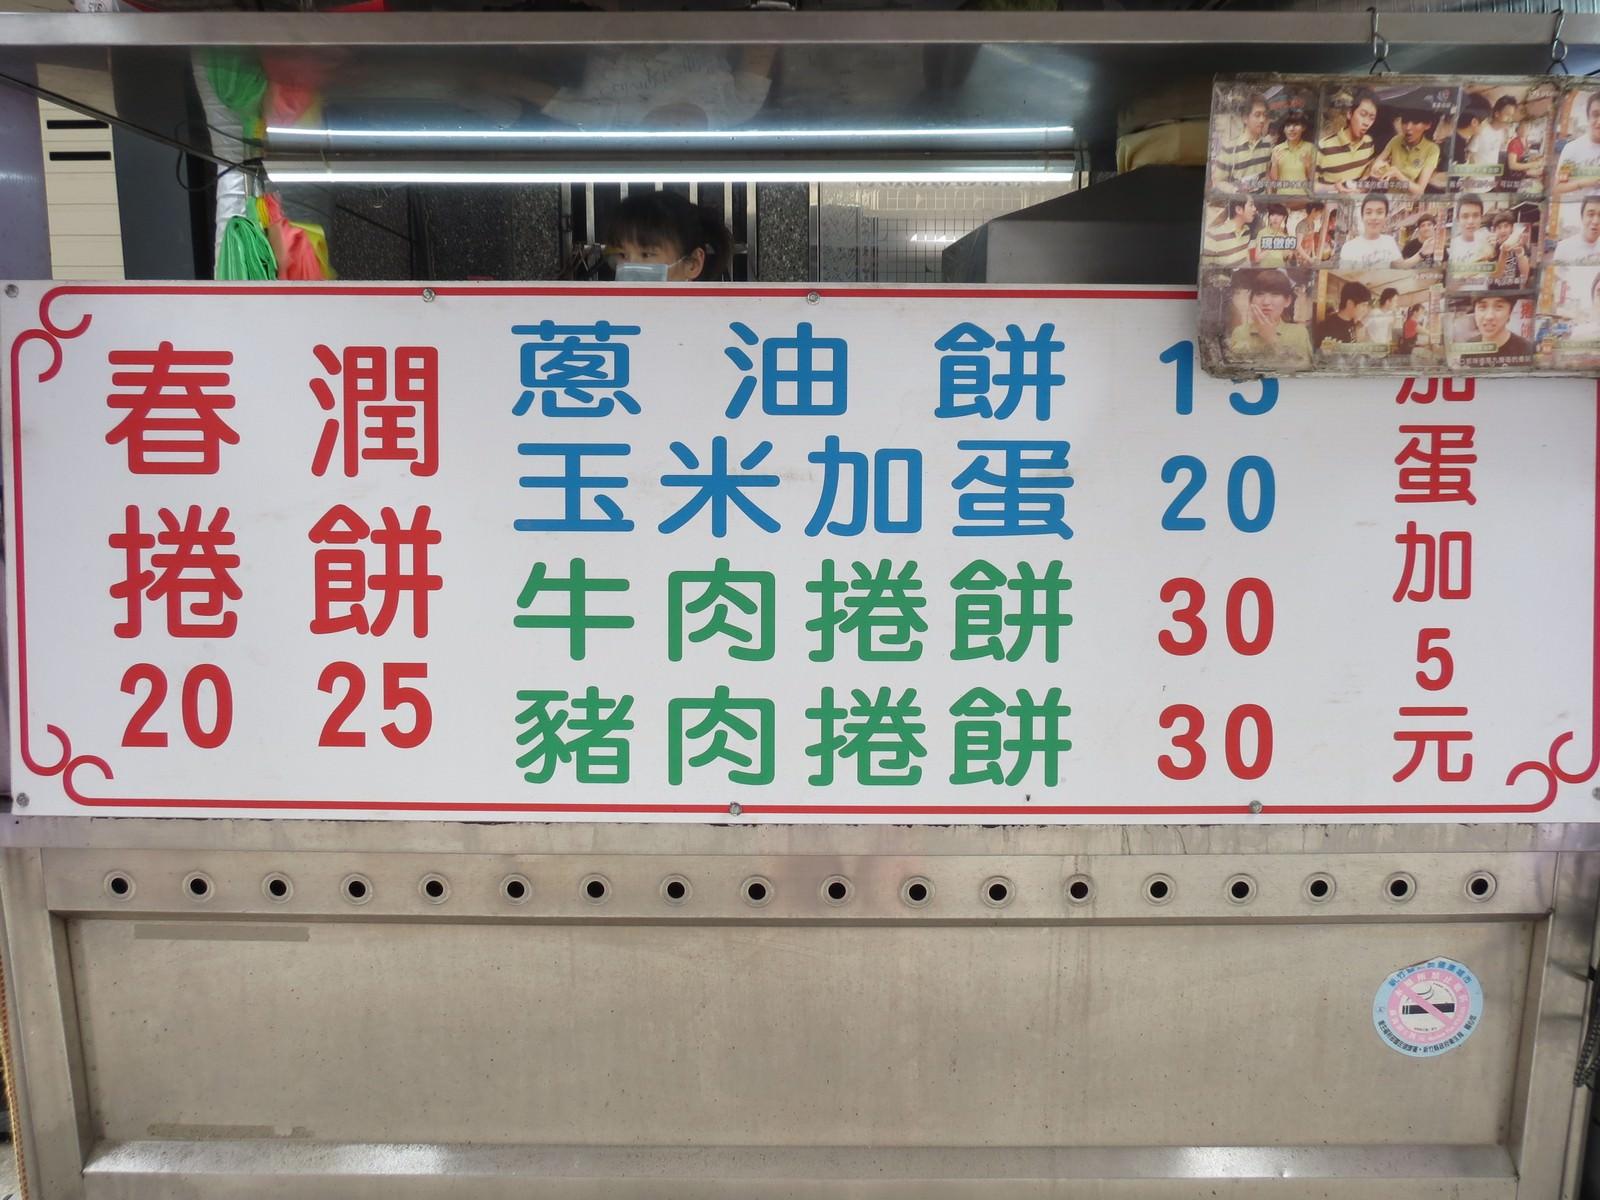 關西牛肉捲餅, 價目表/menu